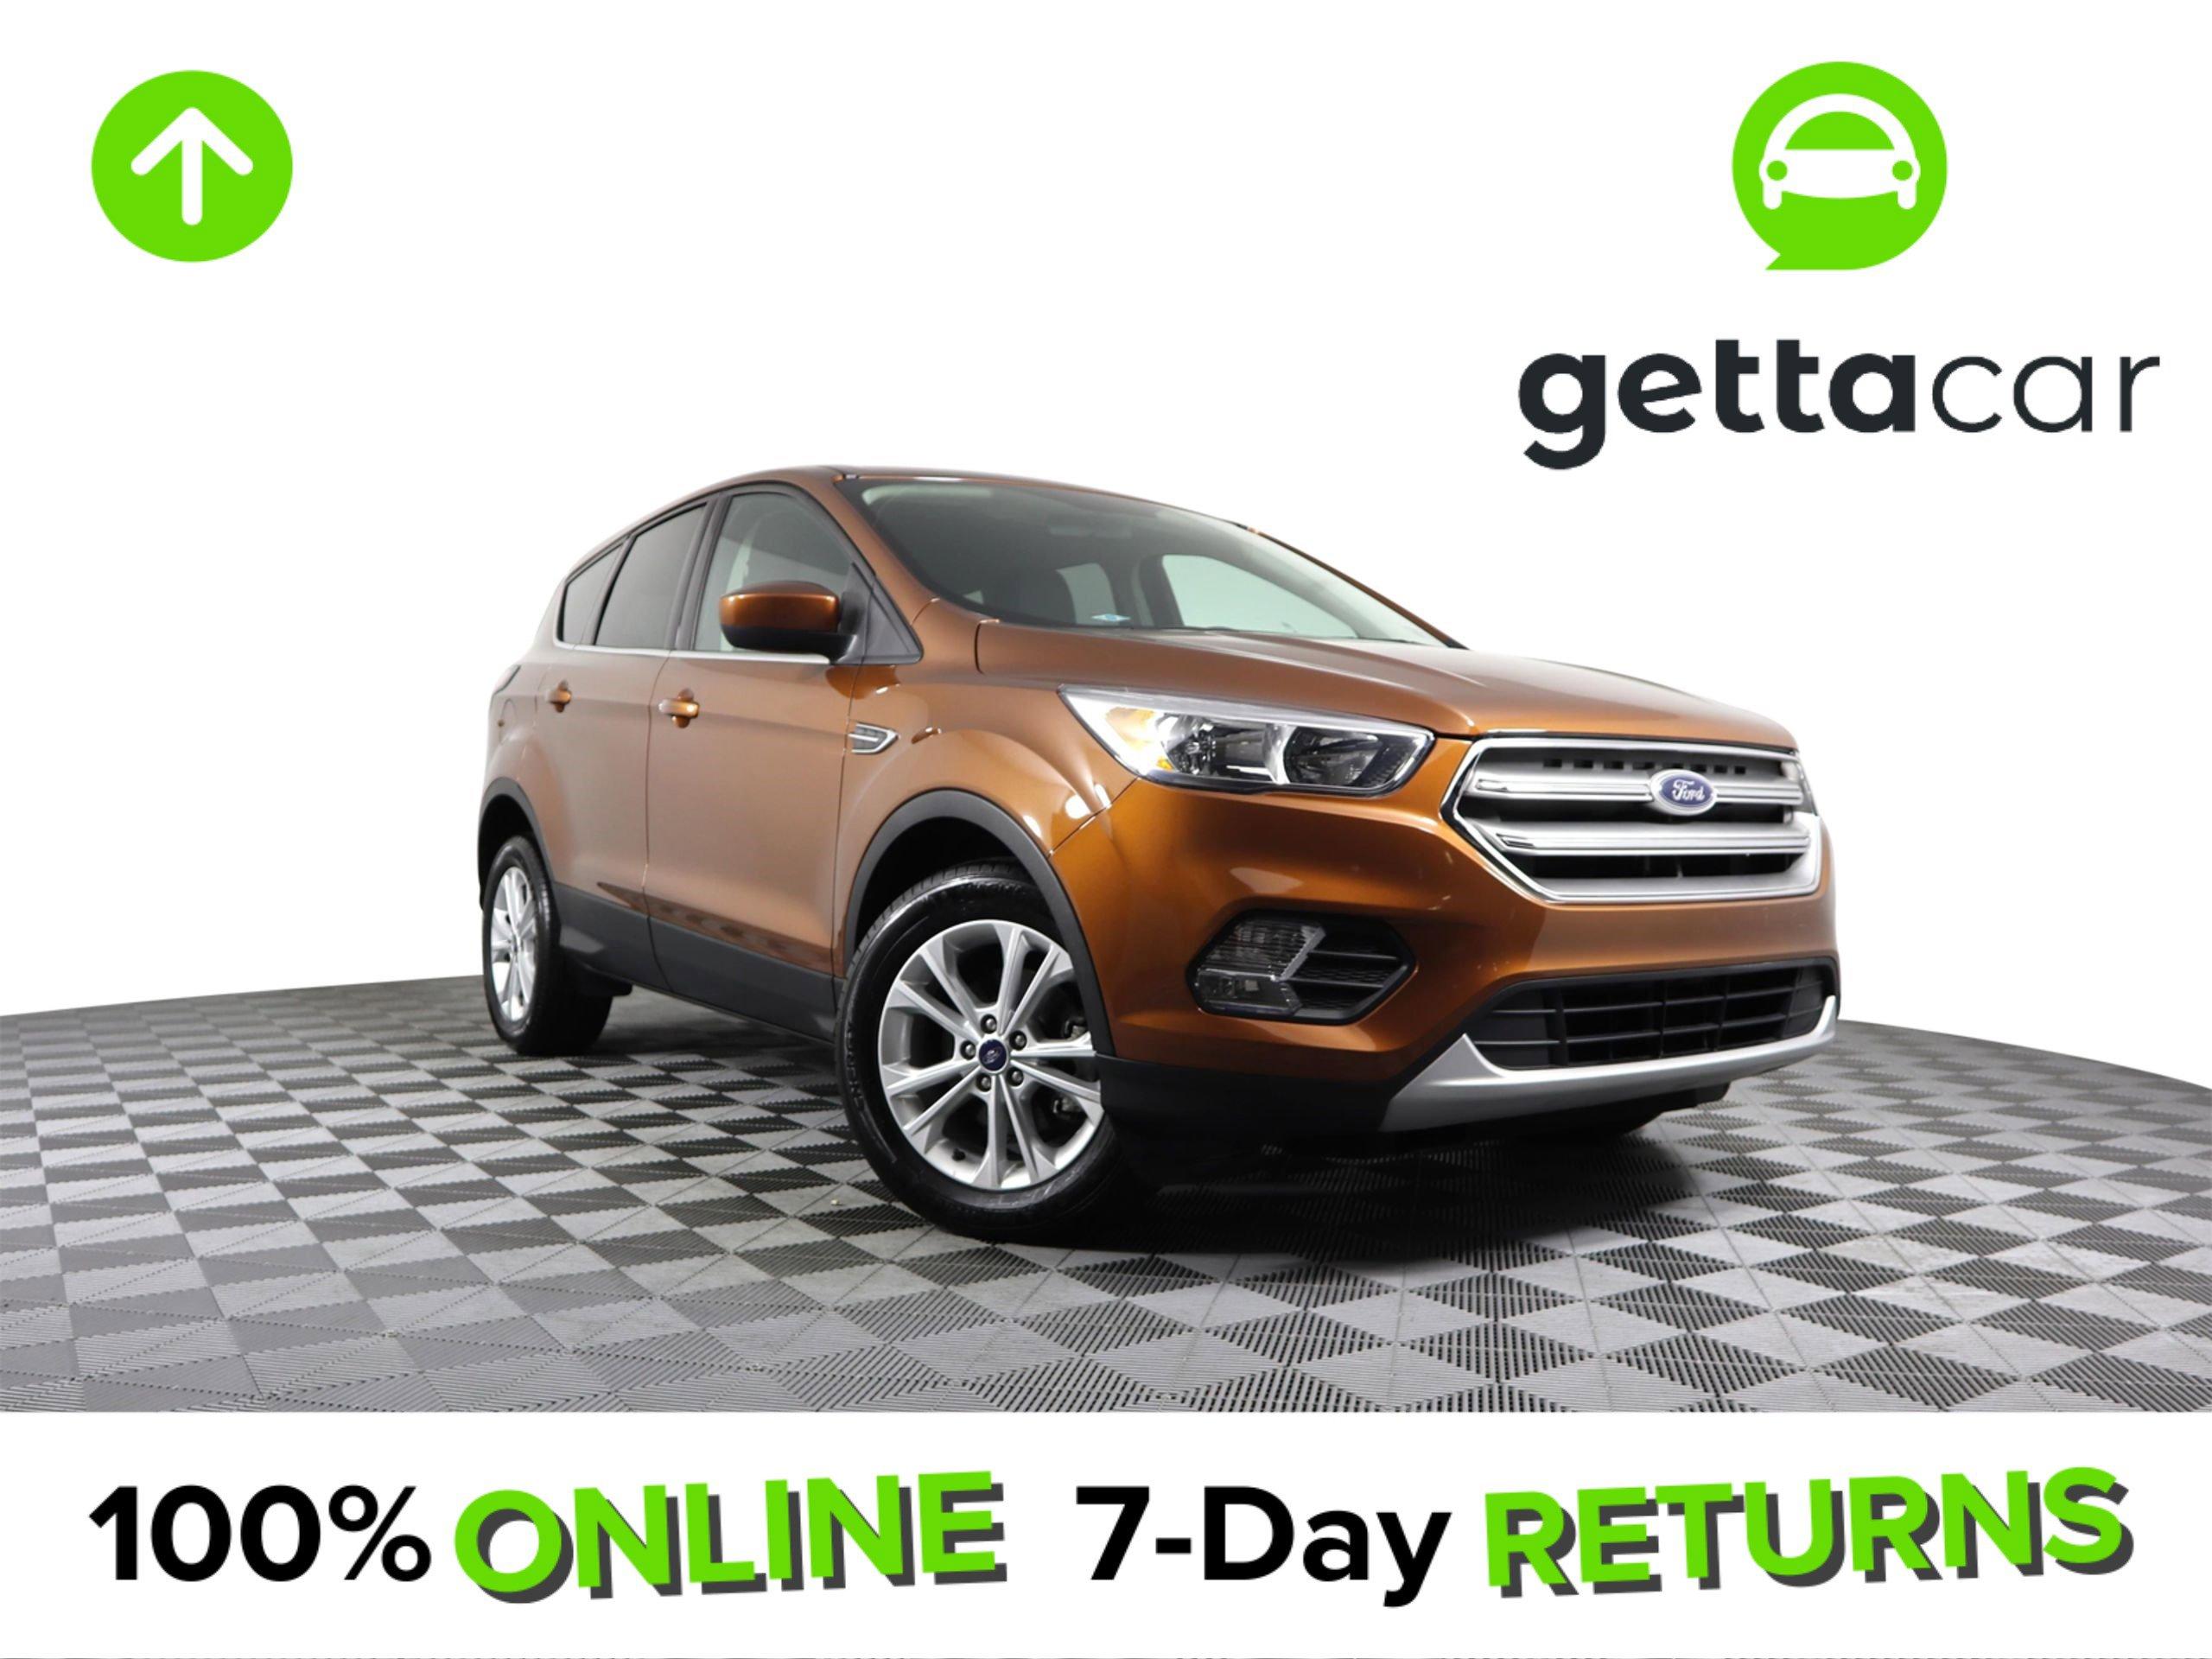 2017 Ford Escape FWD SE image